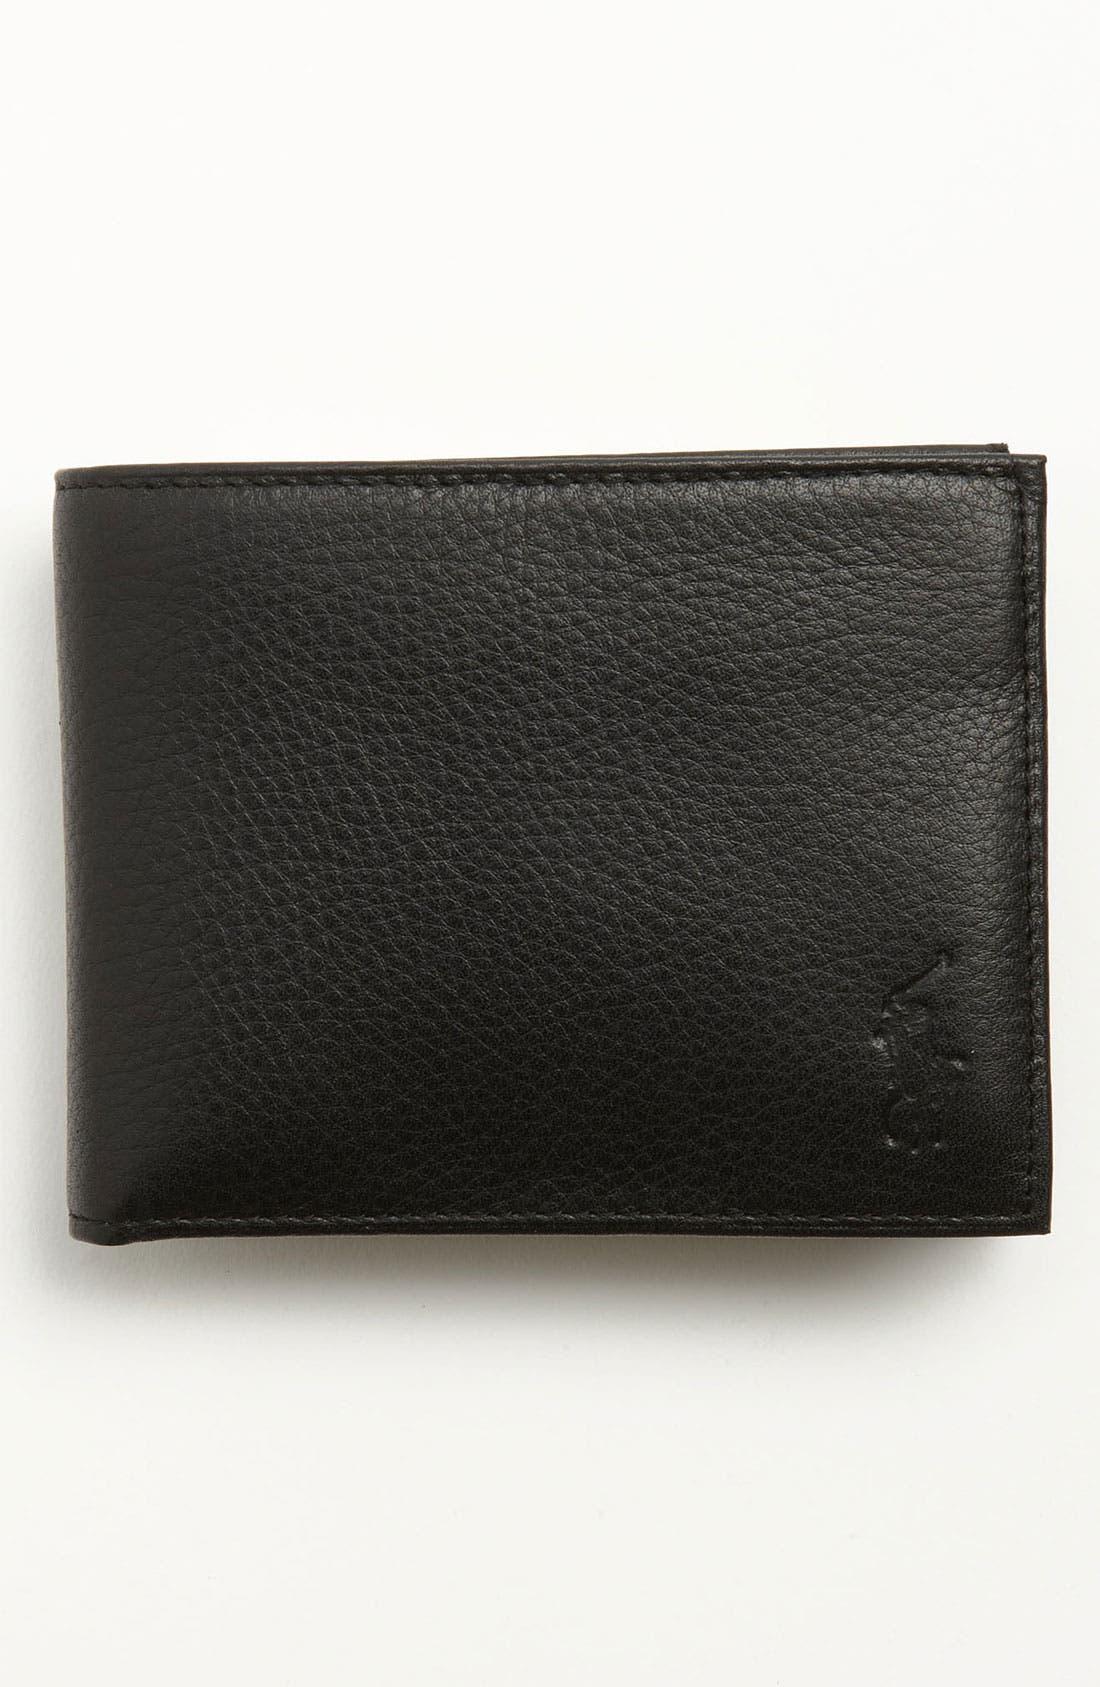 Leather Passcase Wallet,                             Main thumbnail 1, color,                             BLACK